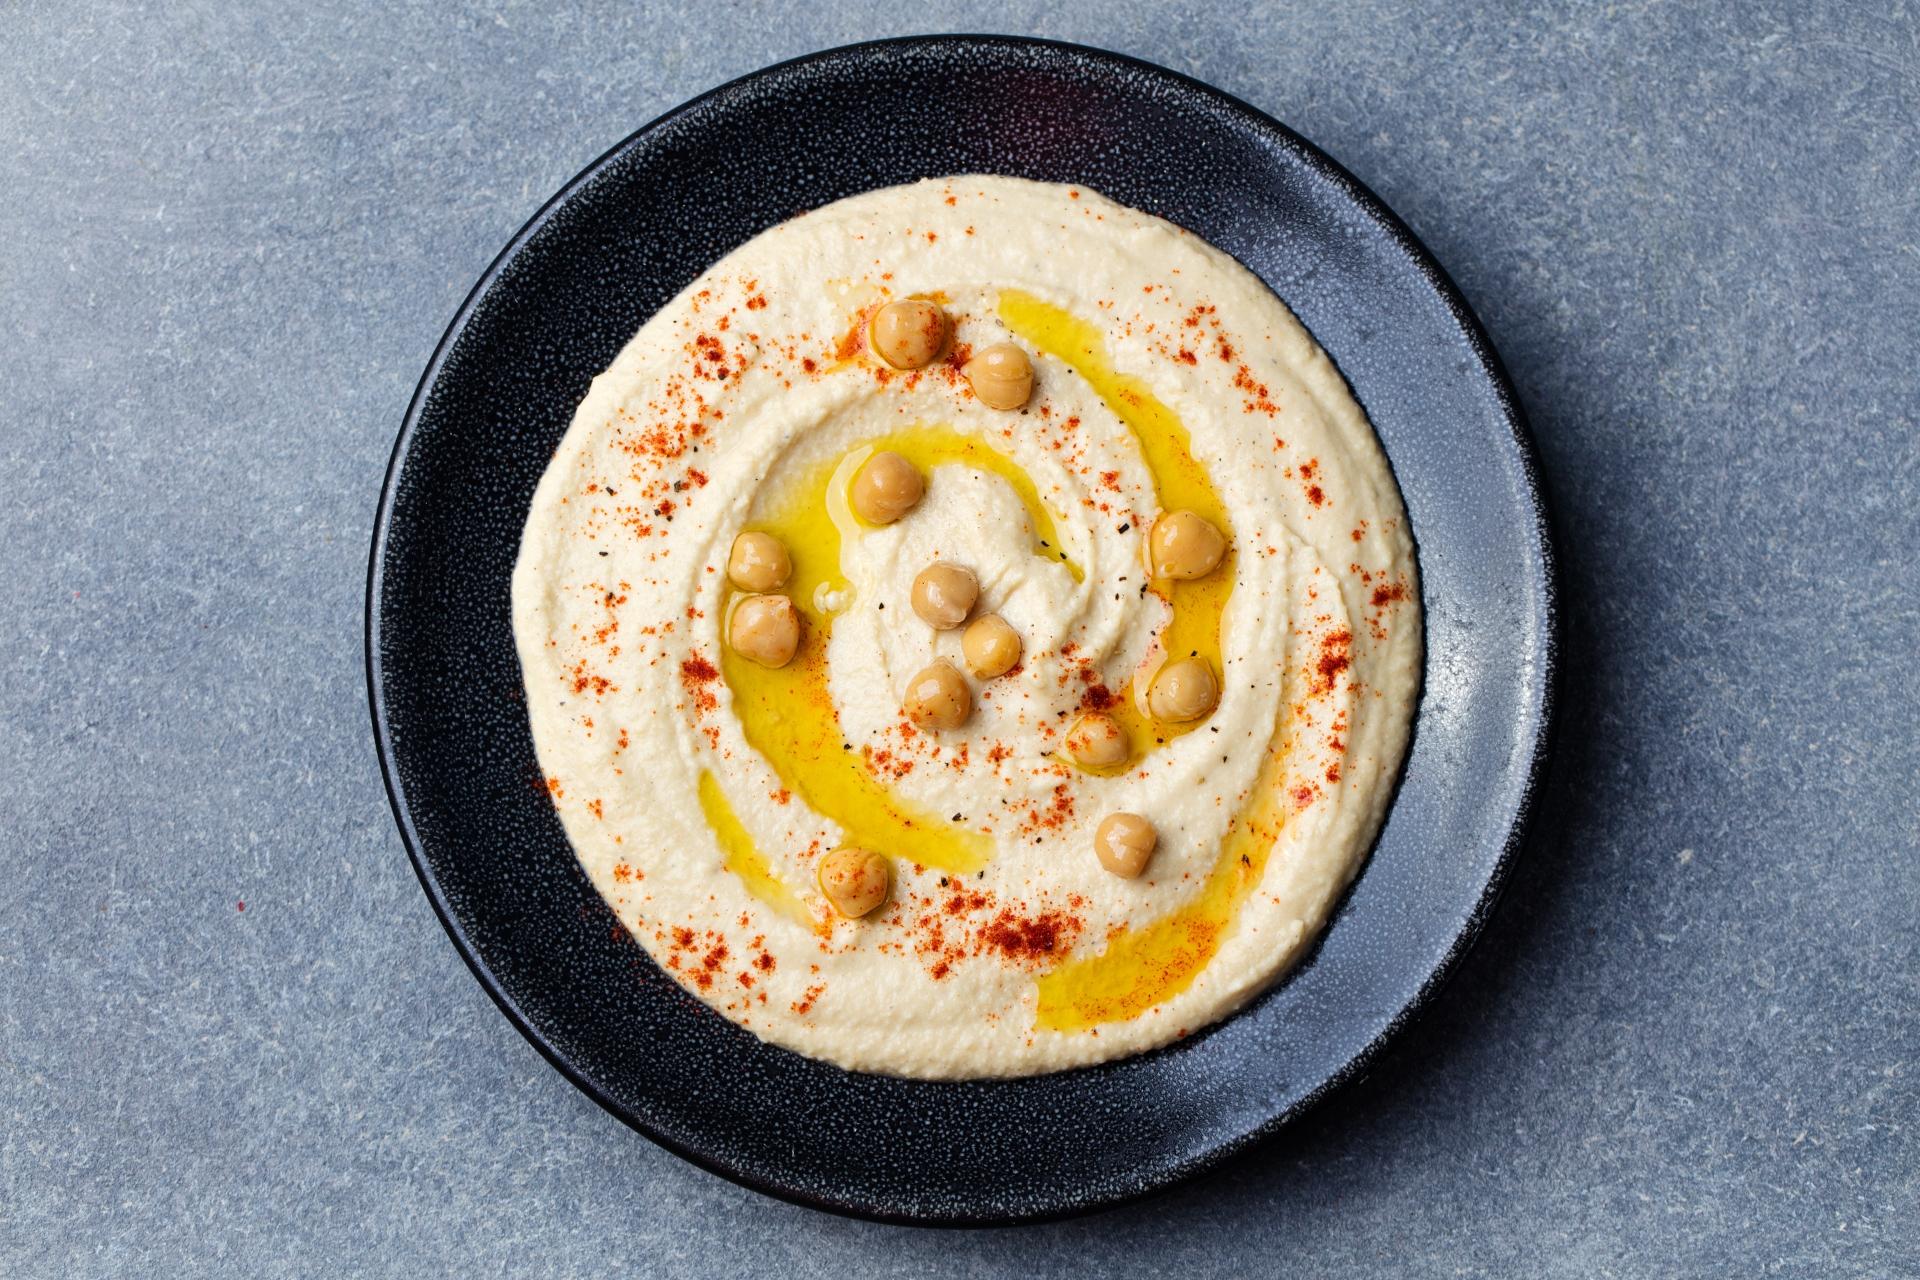 Creamy Garlic Hummus Recipe